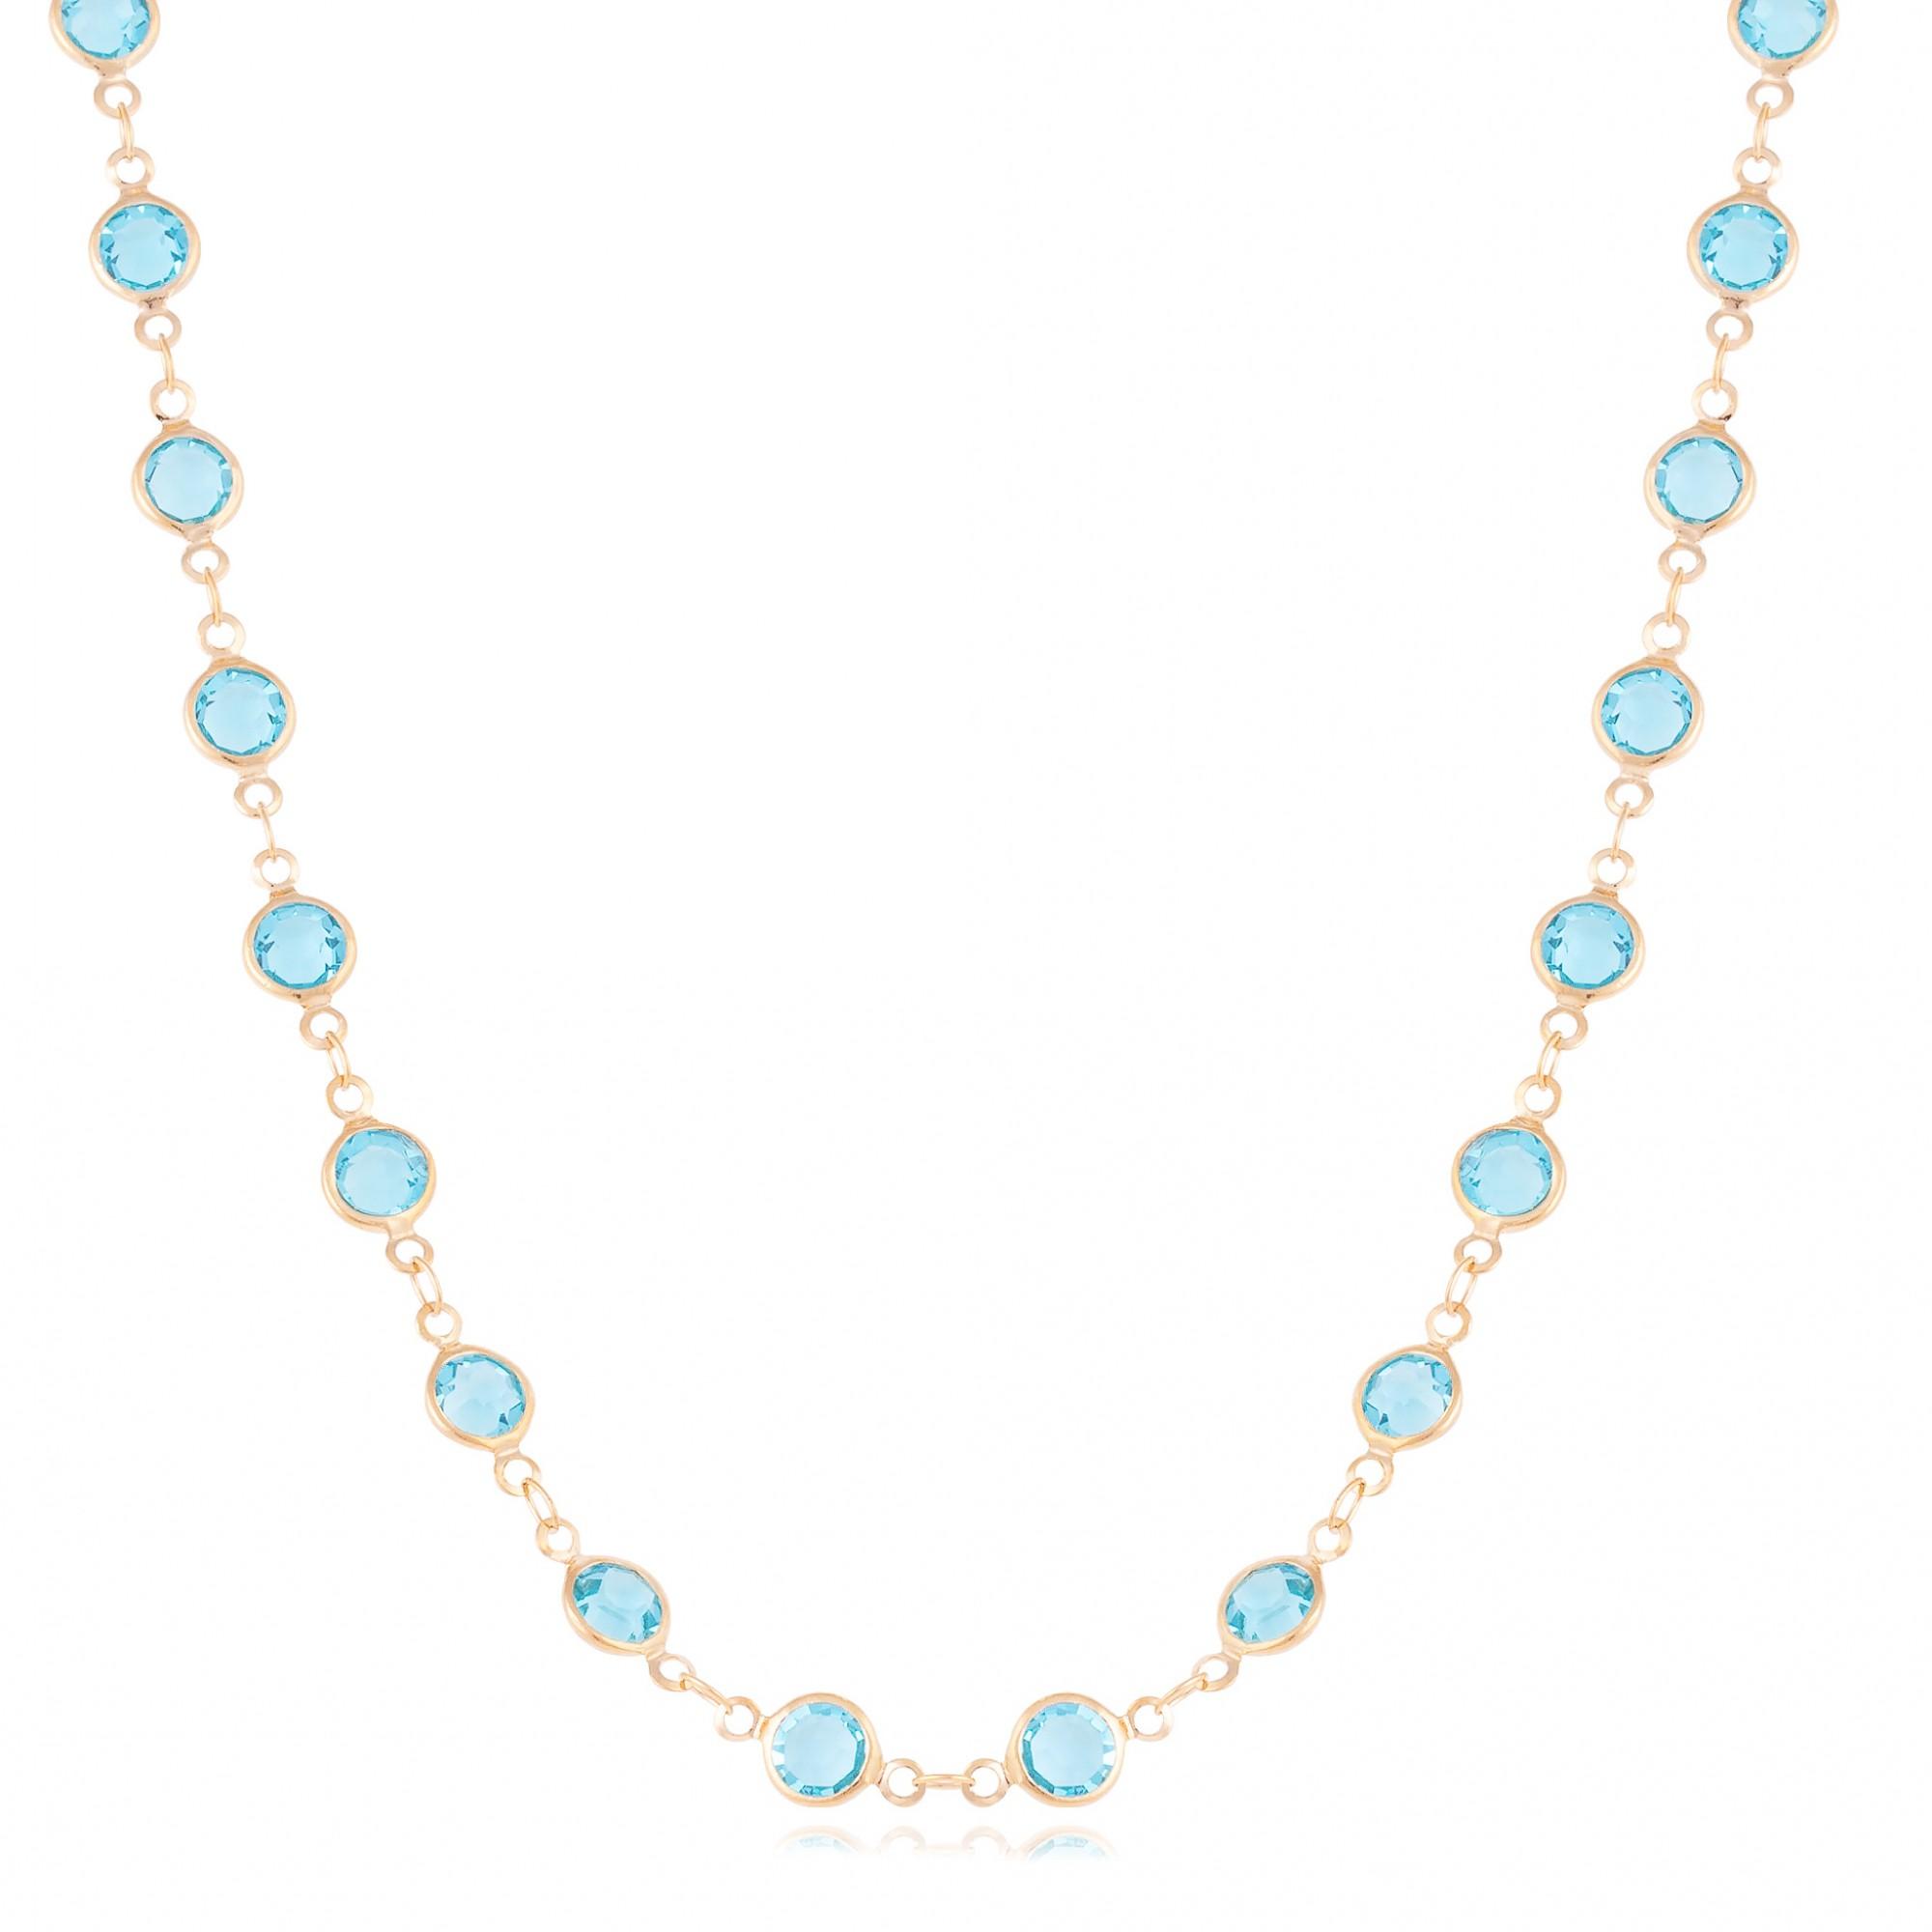 Colar cristais azuis banhado a ouro 18k.  - bfdecor.com.br